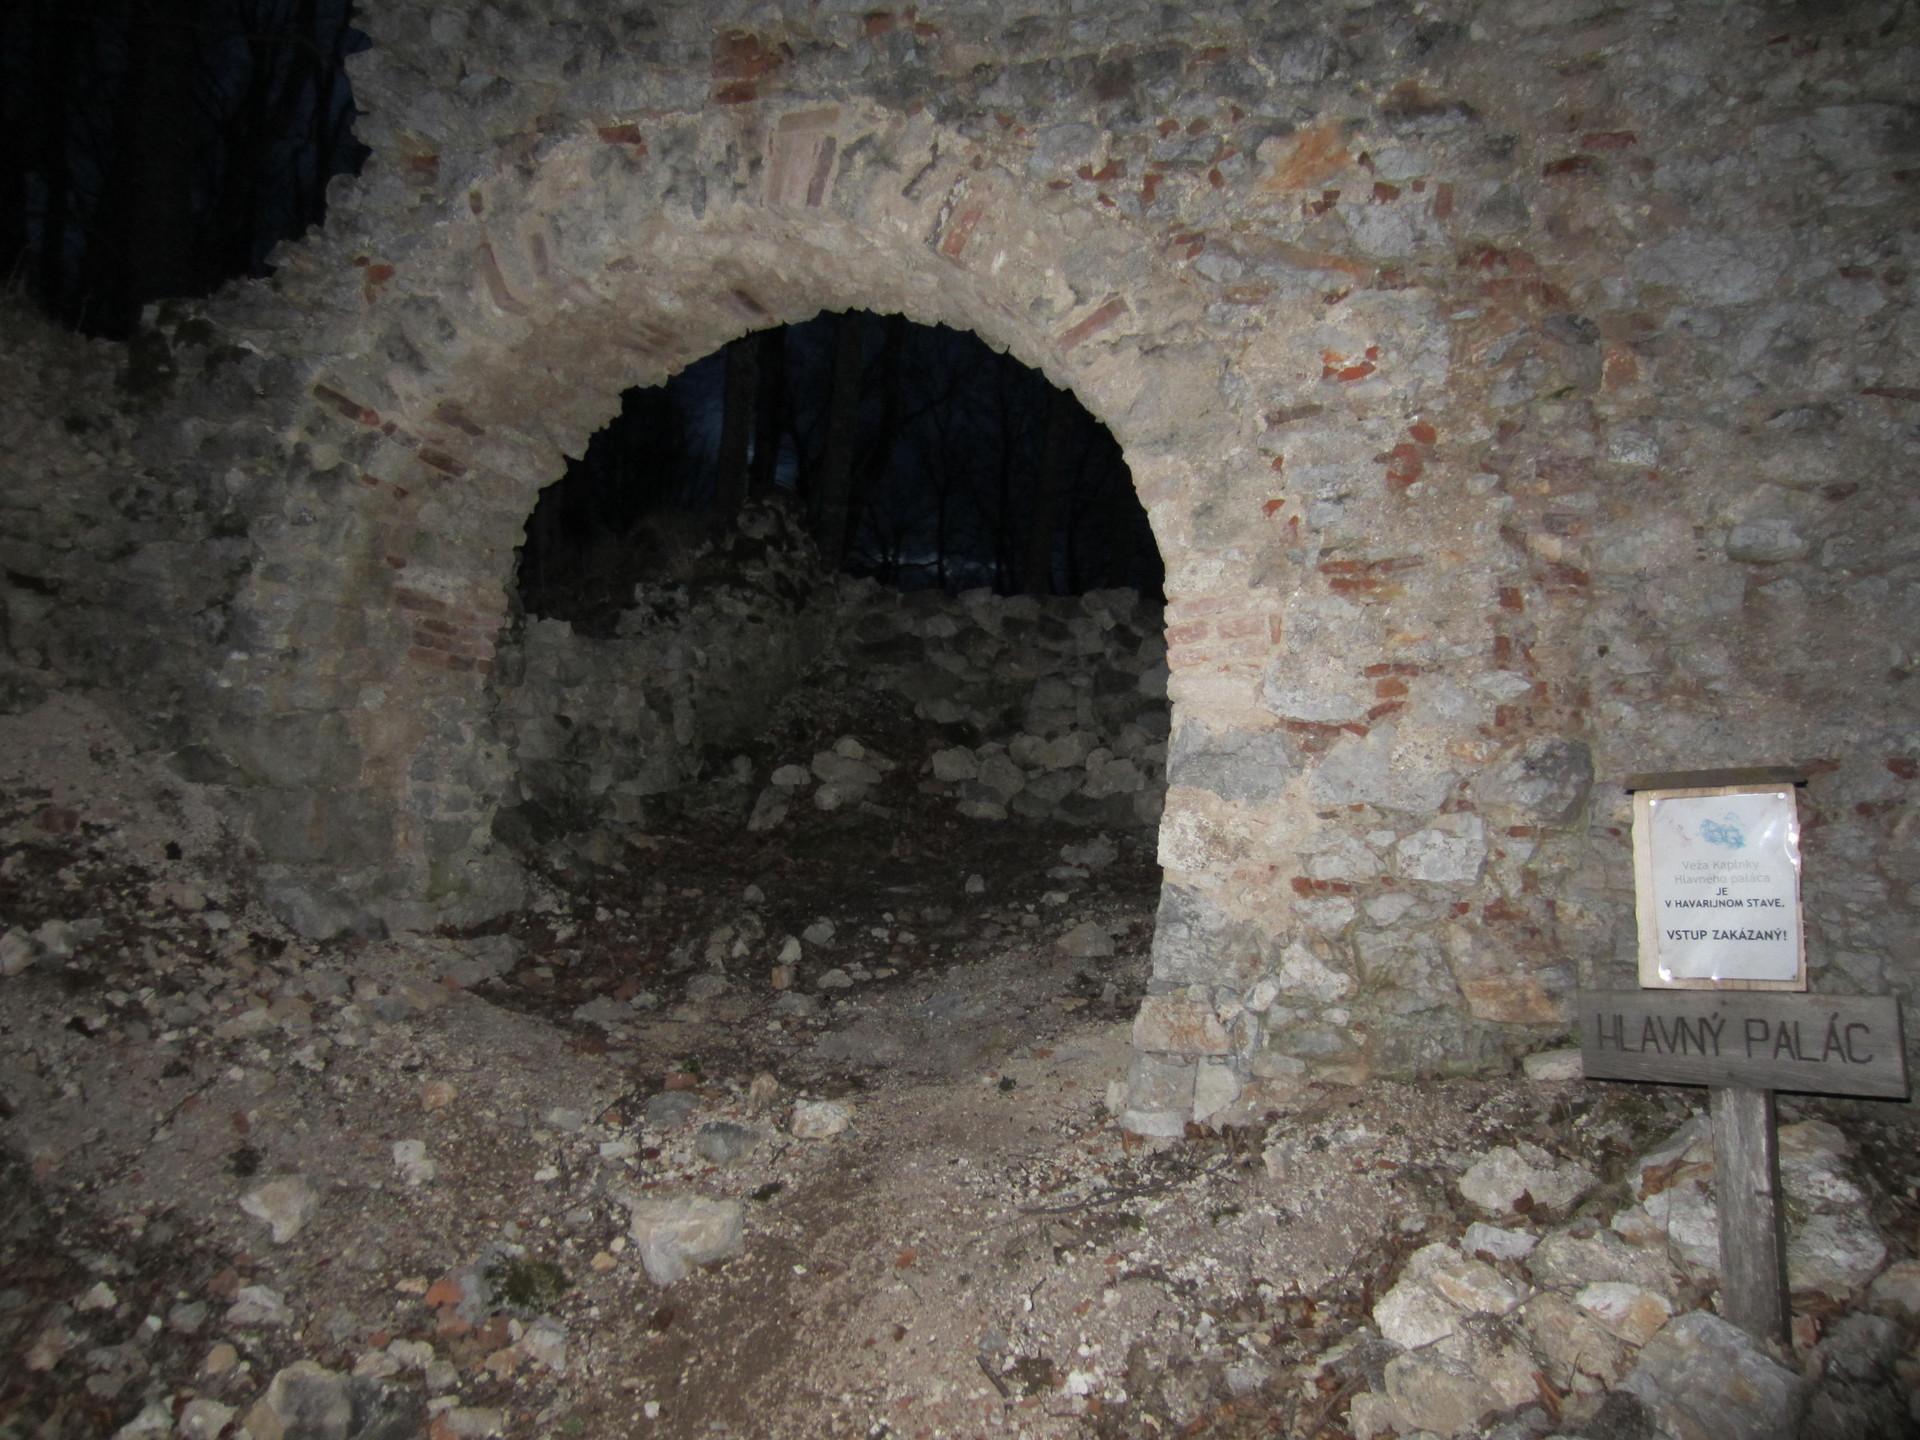 Luces de la misa en Roznava, tinieblas del castillo de Muran - Viaje de Pascua en autobús y tren (2/5)